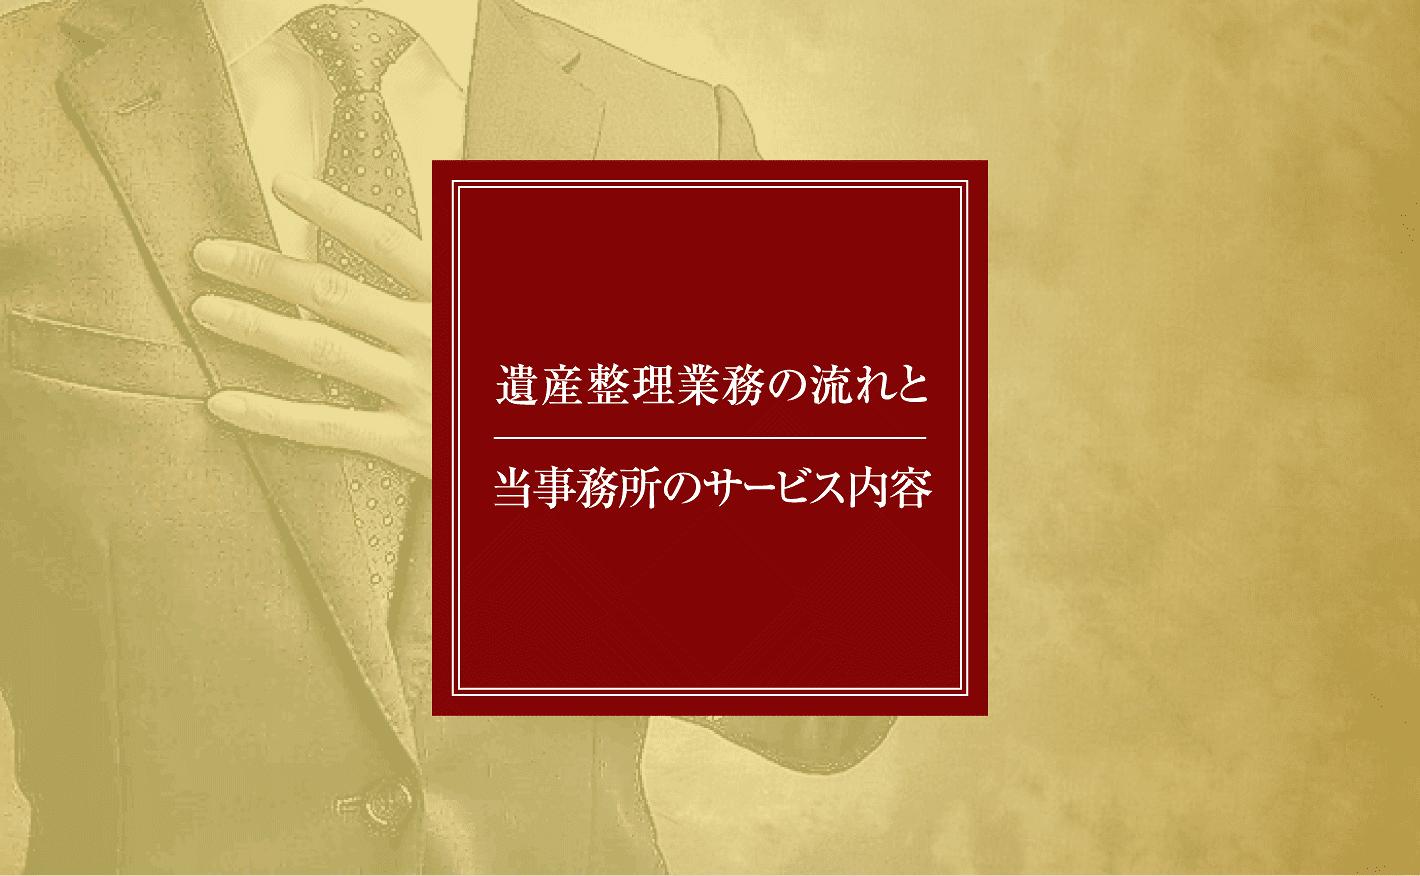 遺産整理業務と当事務所のサービス内容